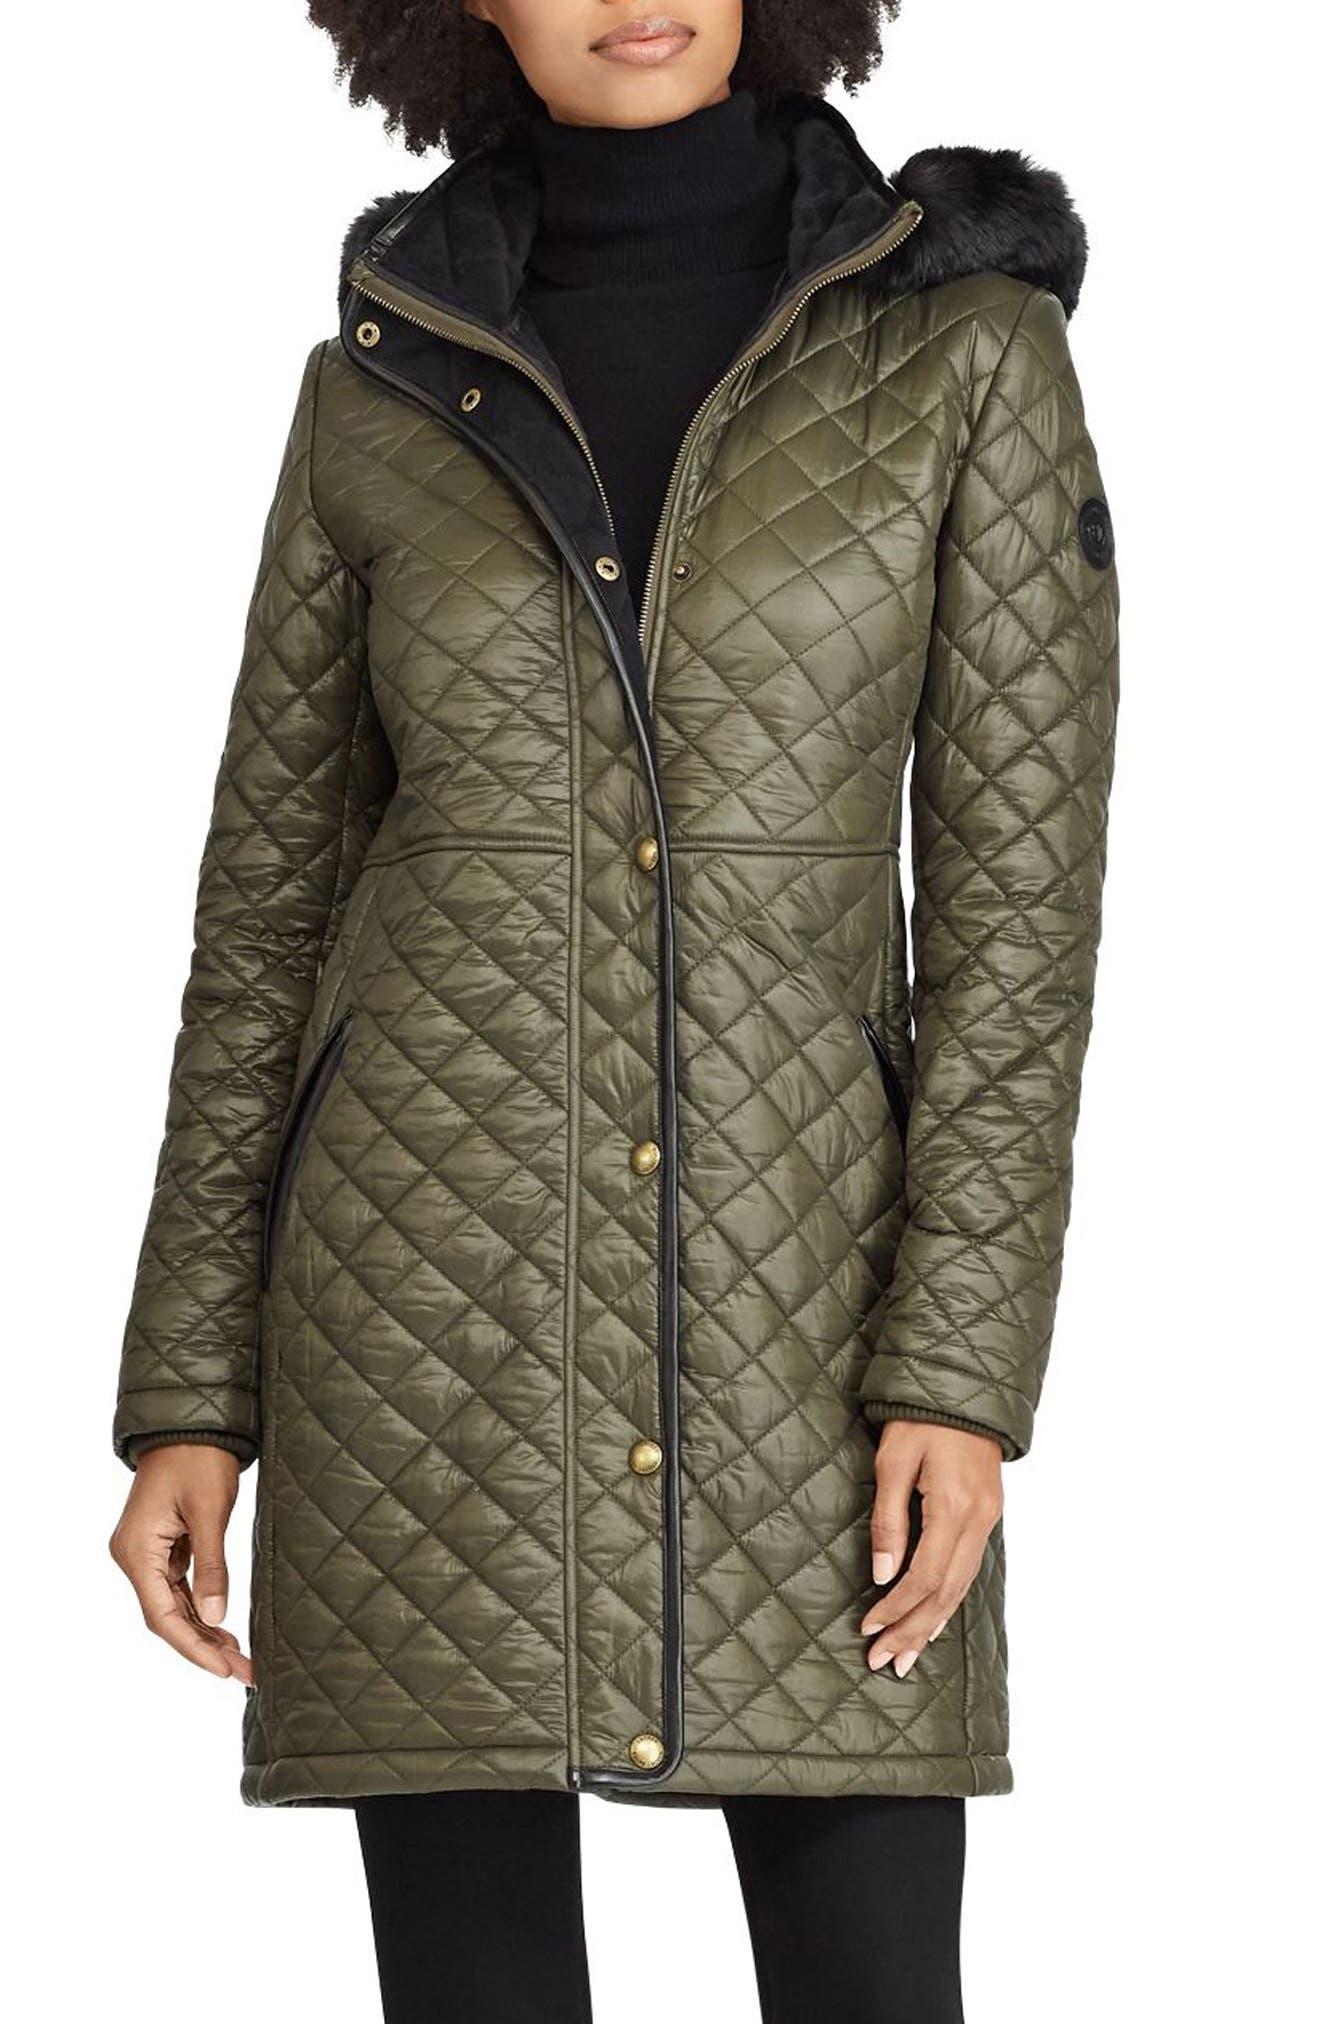 LAUREN RALPH LAUREN Faux Fur Trim Quilted Jacket, Main, color, 312